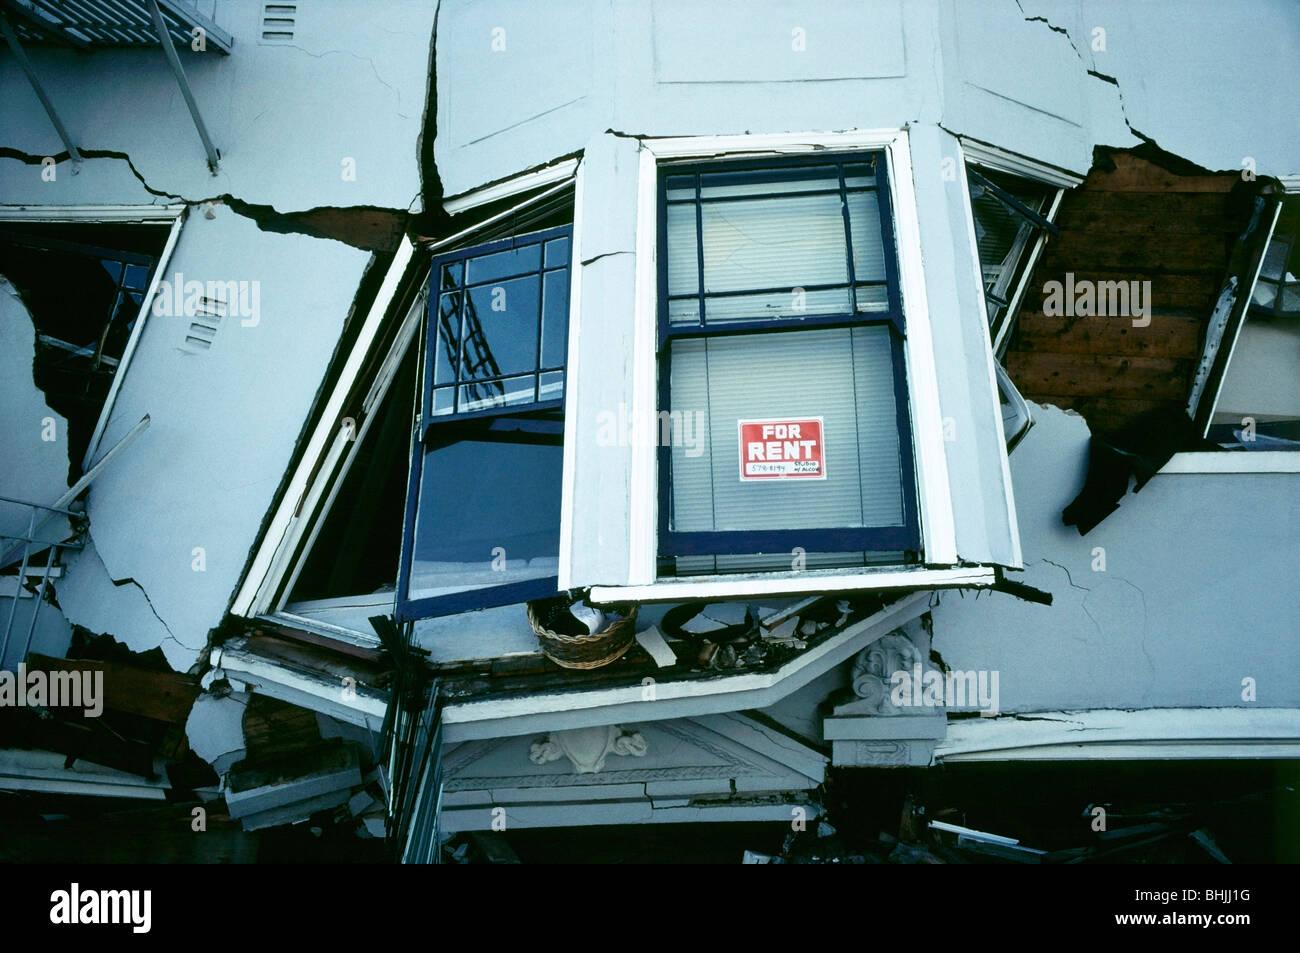 Mehrstöckiges Wohnhaus in San Francisco Marina District beschädigt nach 1989 Loma Prieta Erdbeben Stockbild